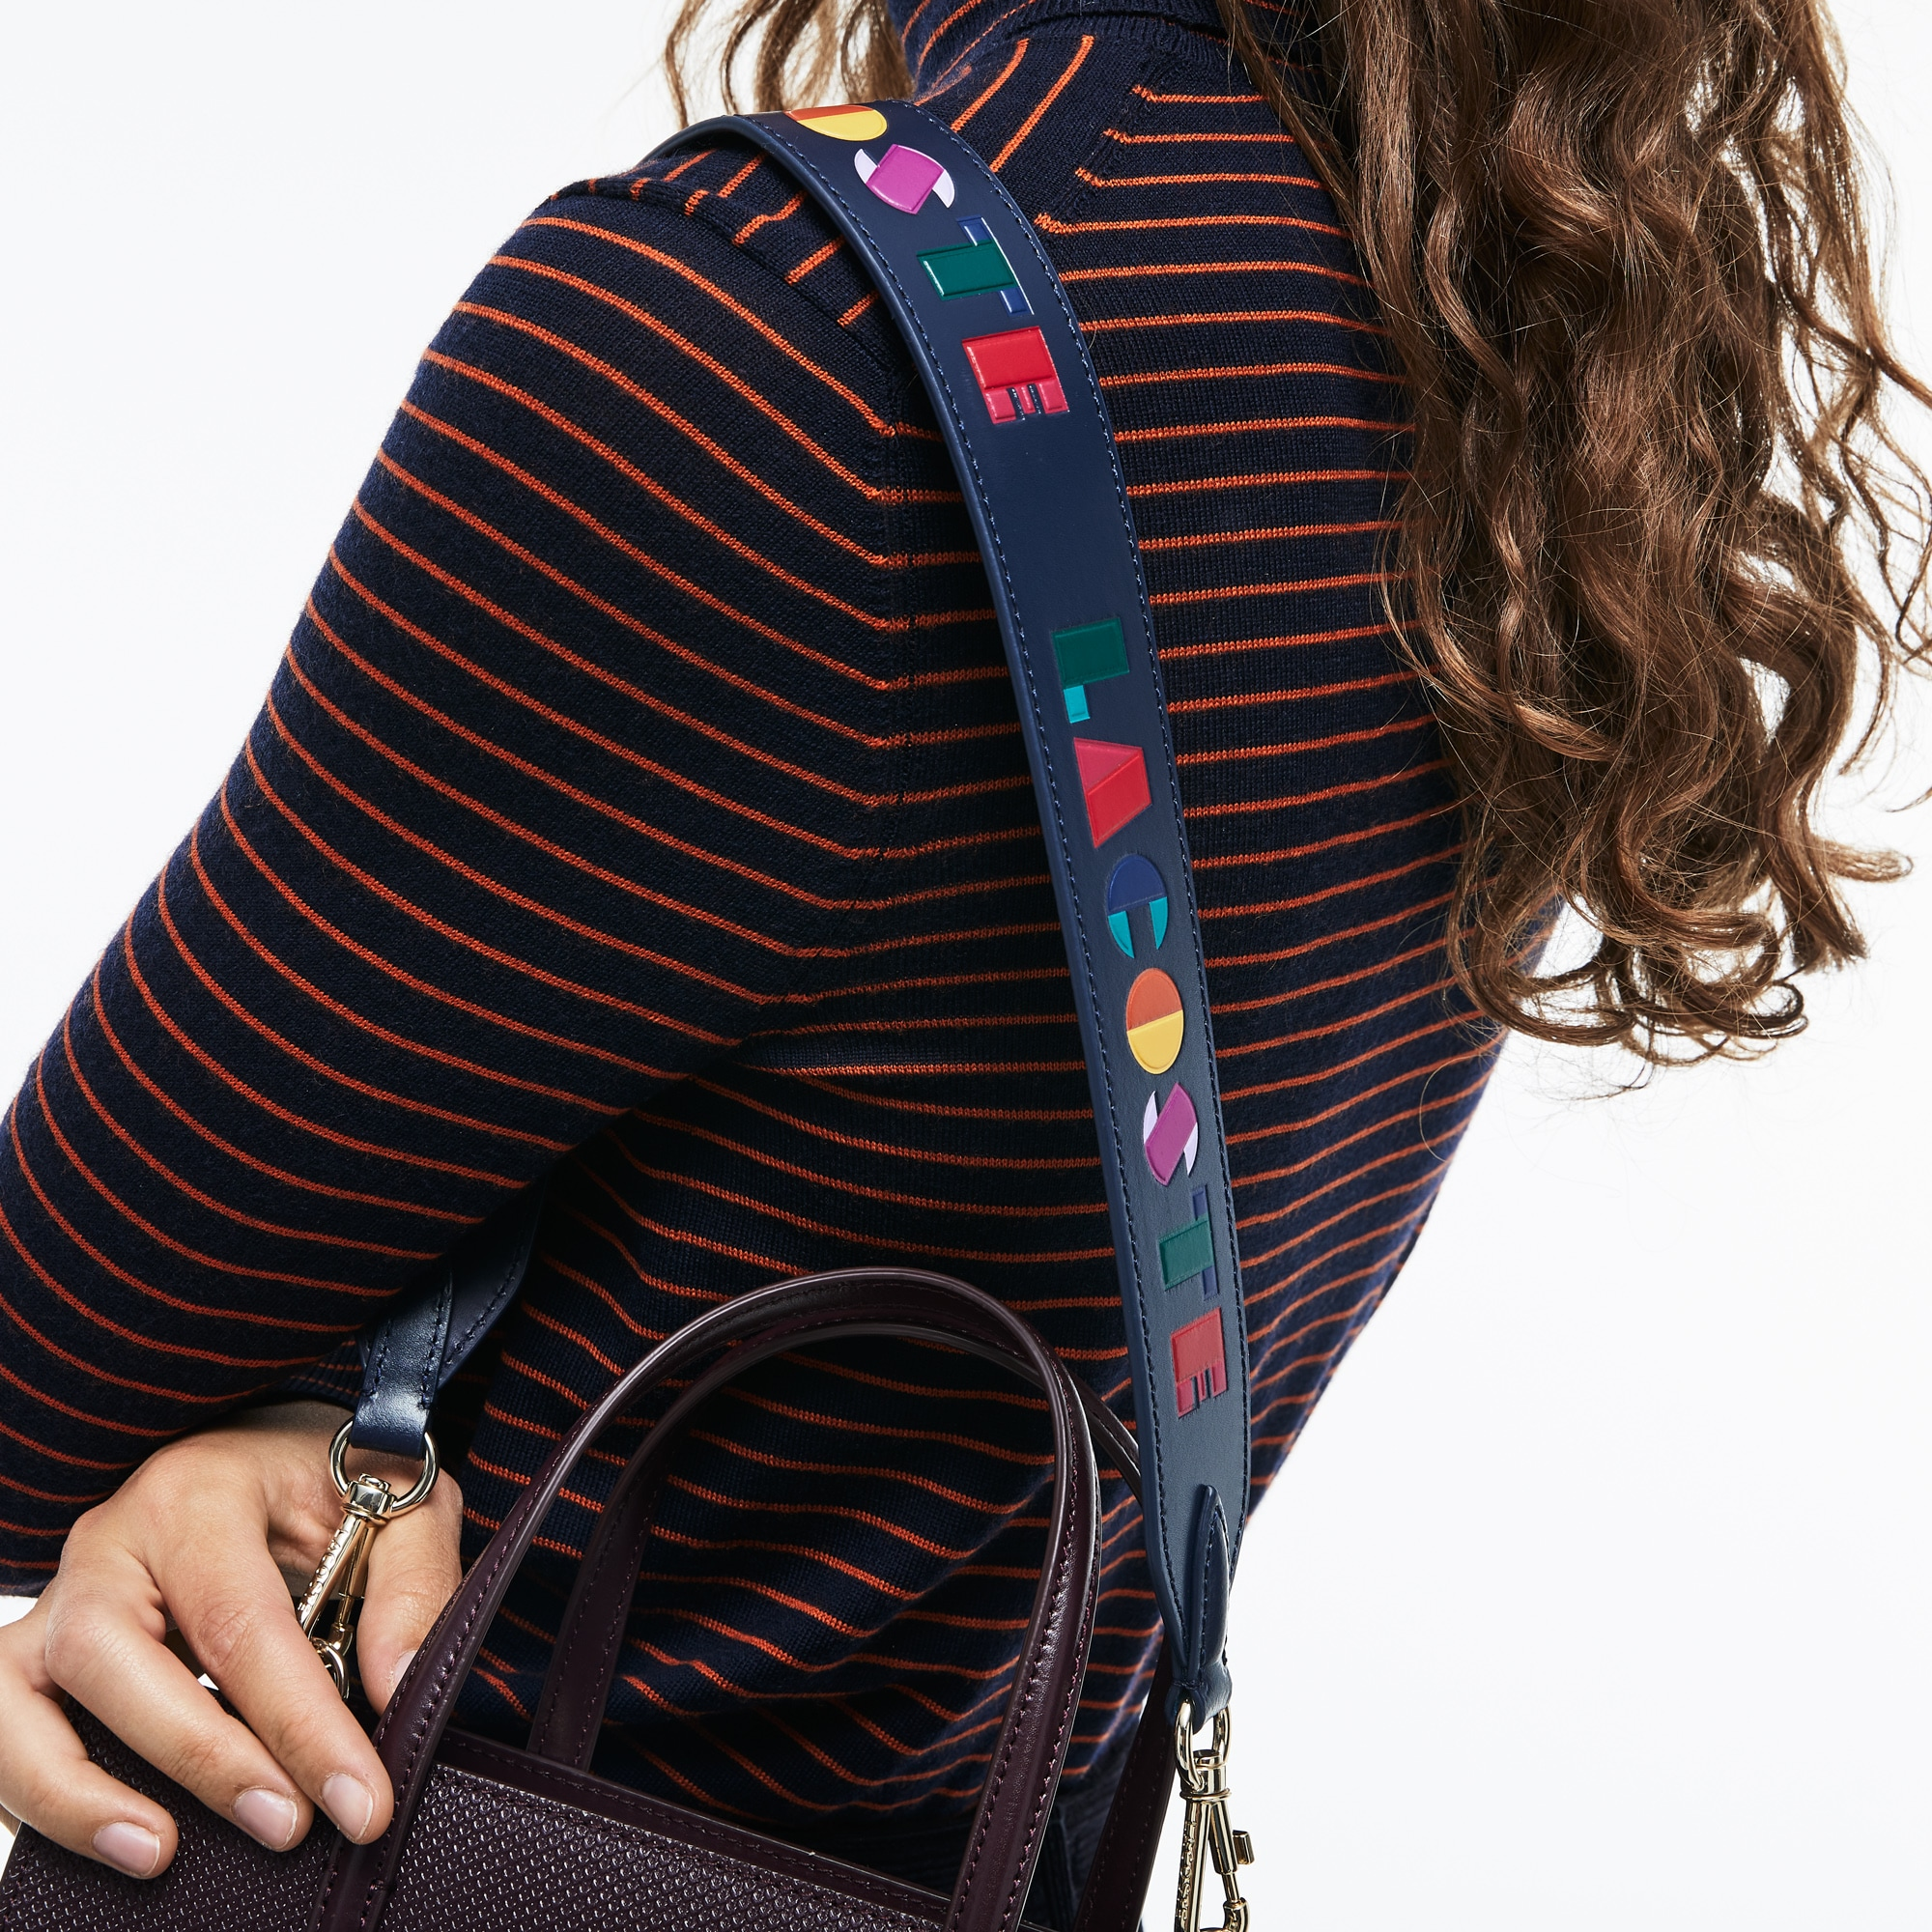 Bandoulière Fancy Straps en cuir avec marquage Lacoste coloré